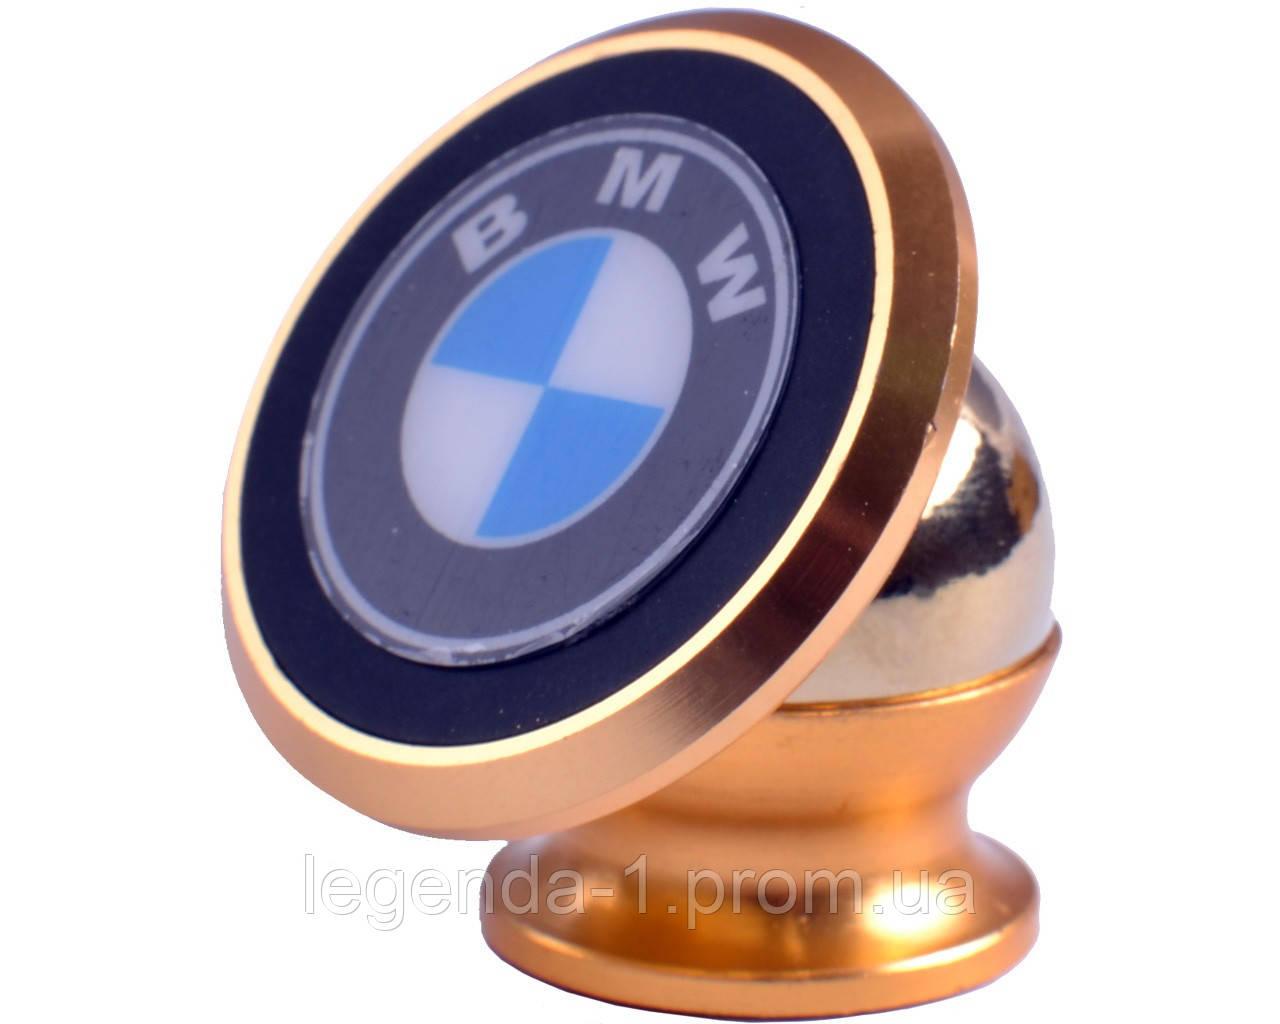 Магнитный держатель для телефона BMW - интернет магазин Легенда в Харькове